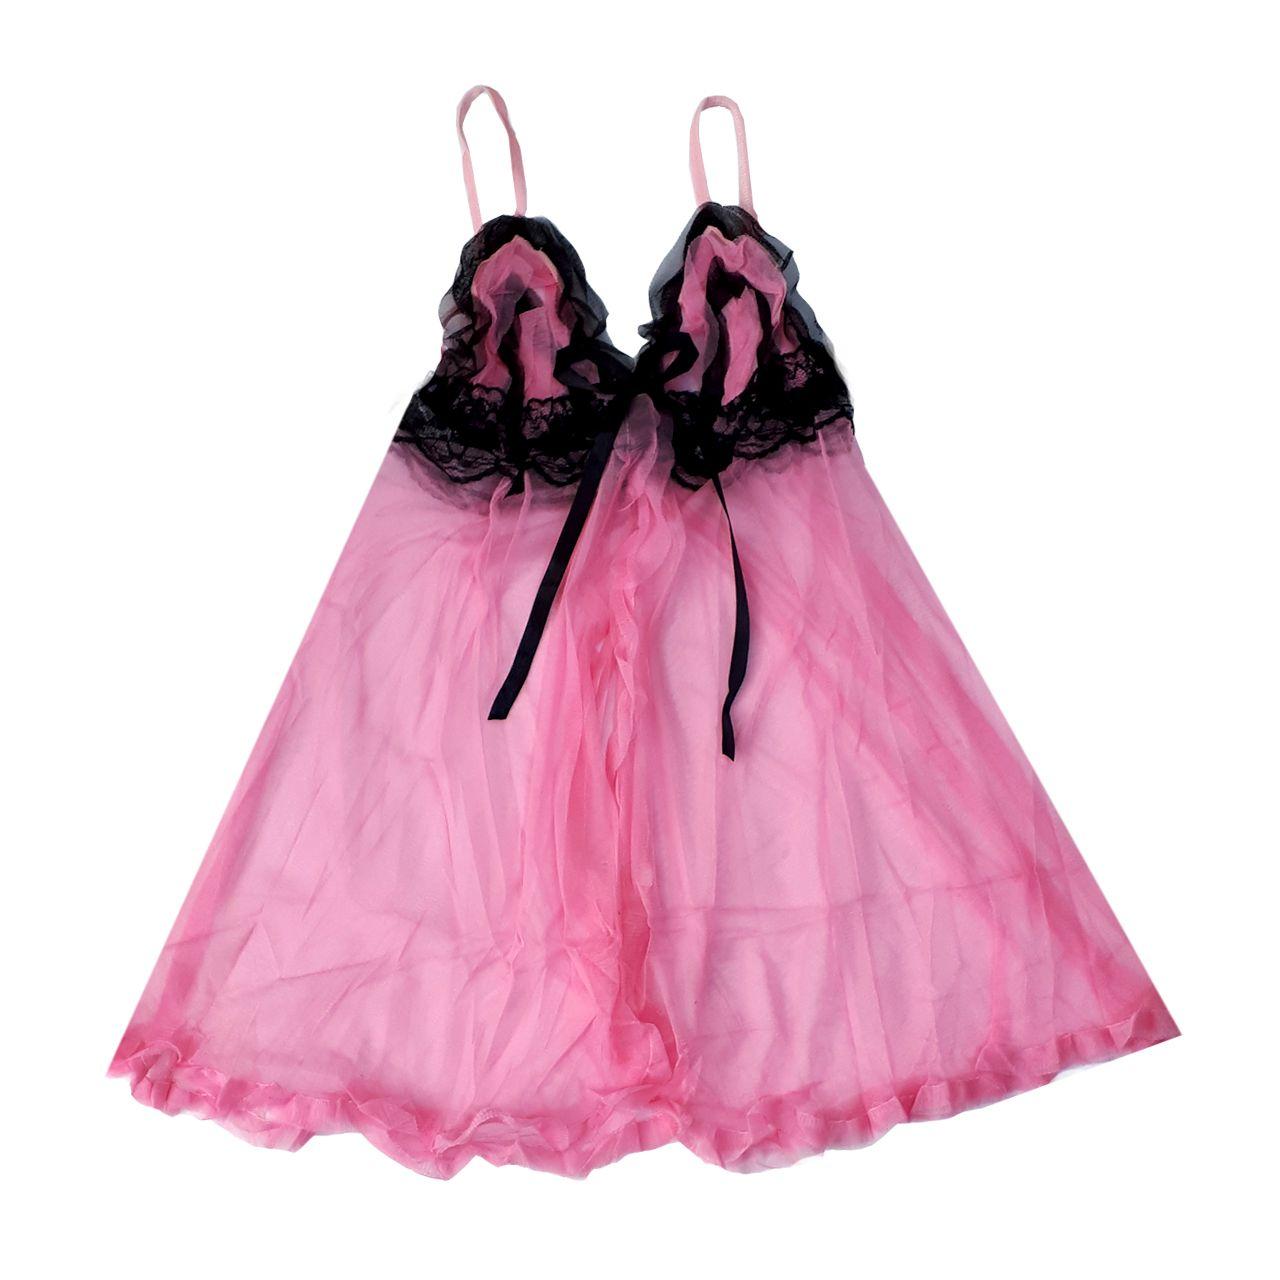 لباس خواب زنانه مدل  AS13 -  - 5